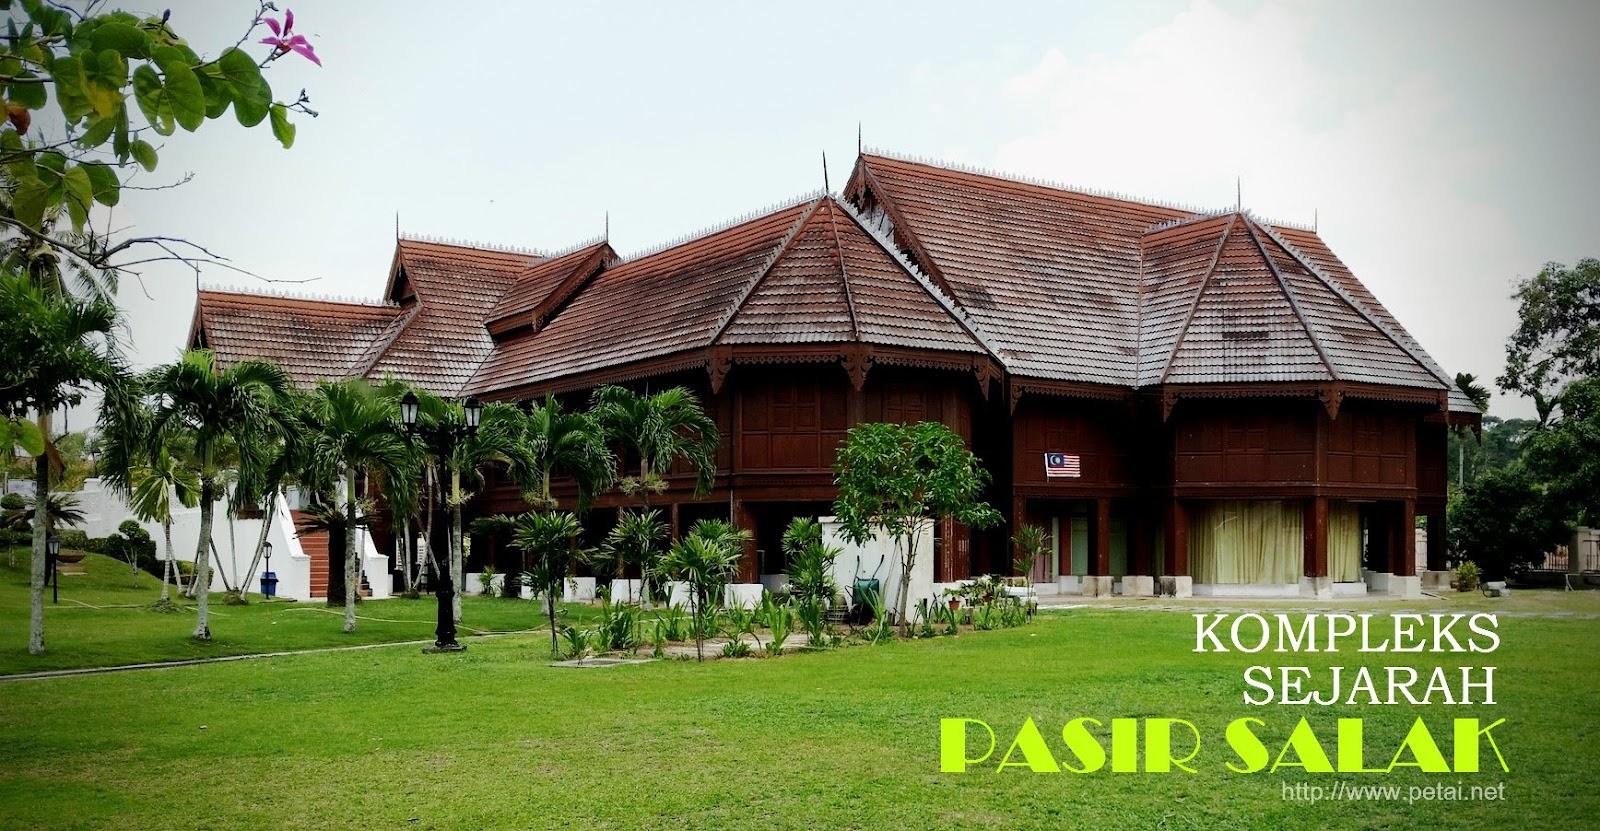 Kompleks Sejarah Pasir Salak, Perak